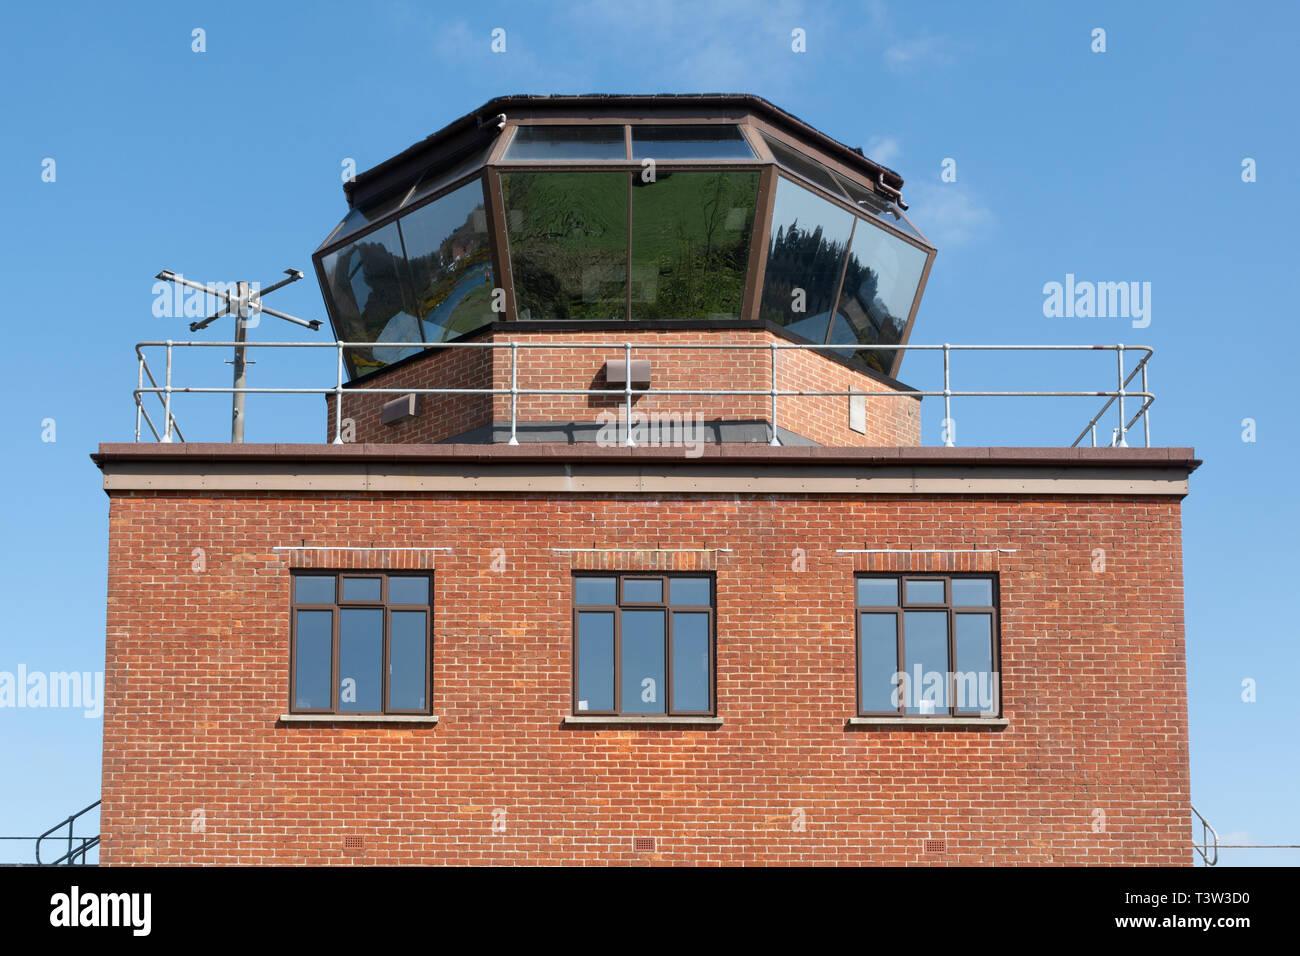 Die Tower Observation Deck in Greenham Common in der Nähe von Newbury, Berkshire, Großbritannien, kürzlich eröffnet. Stockbild